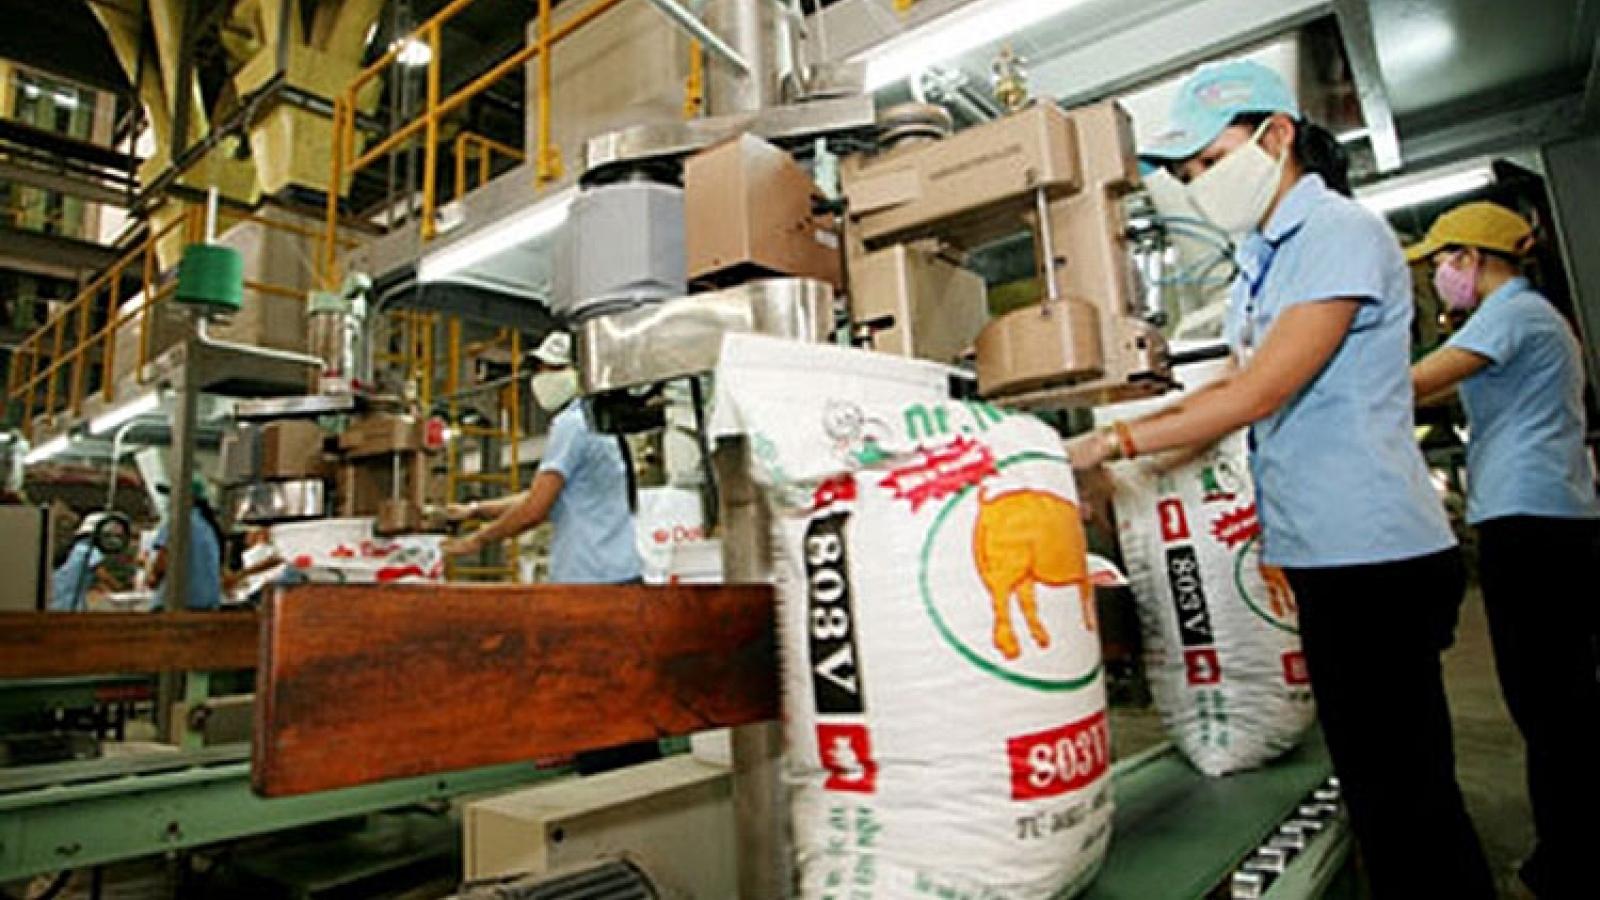 Phí thẩm định kinh doanh nông nghiệp cao nhất là 18 triệu đồng/lần